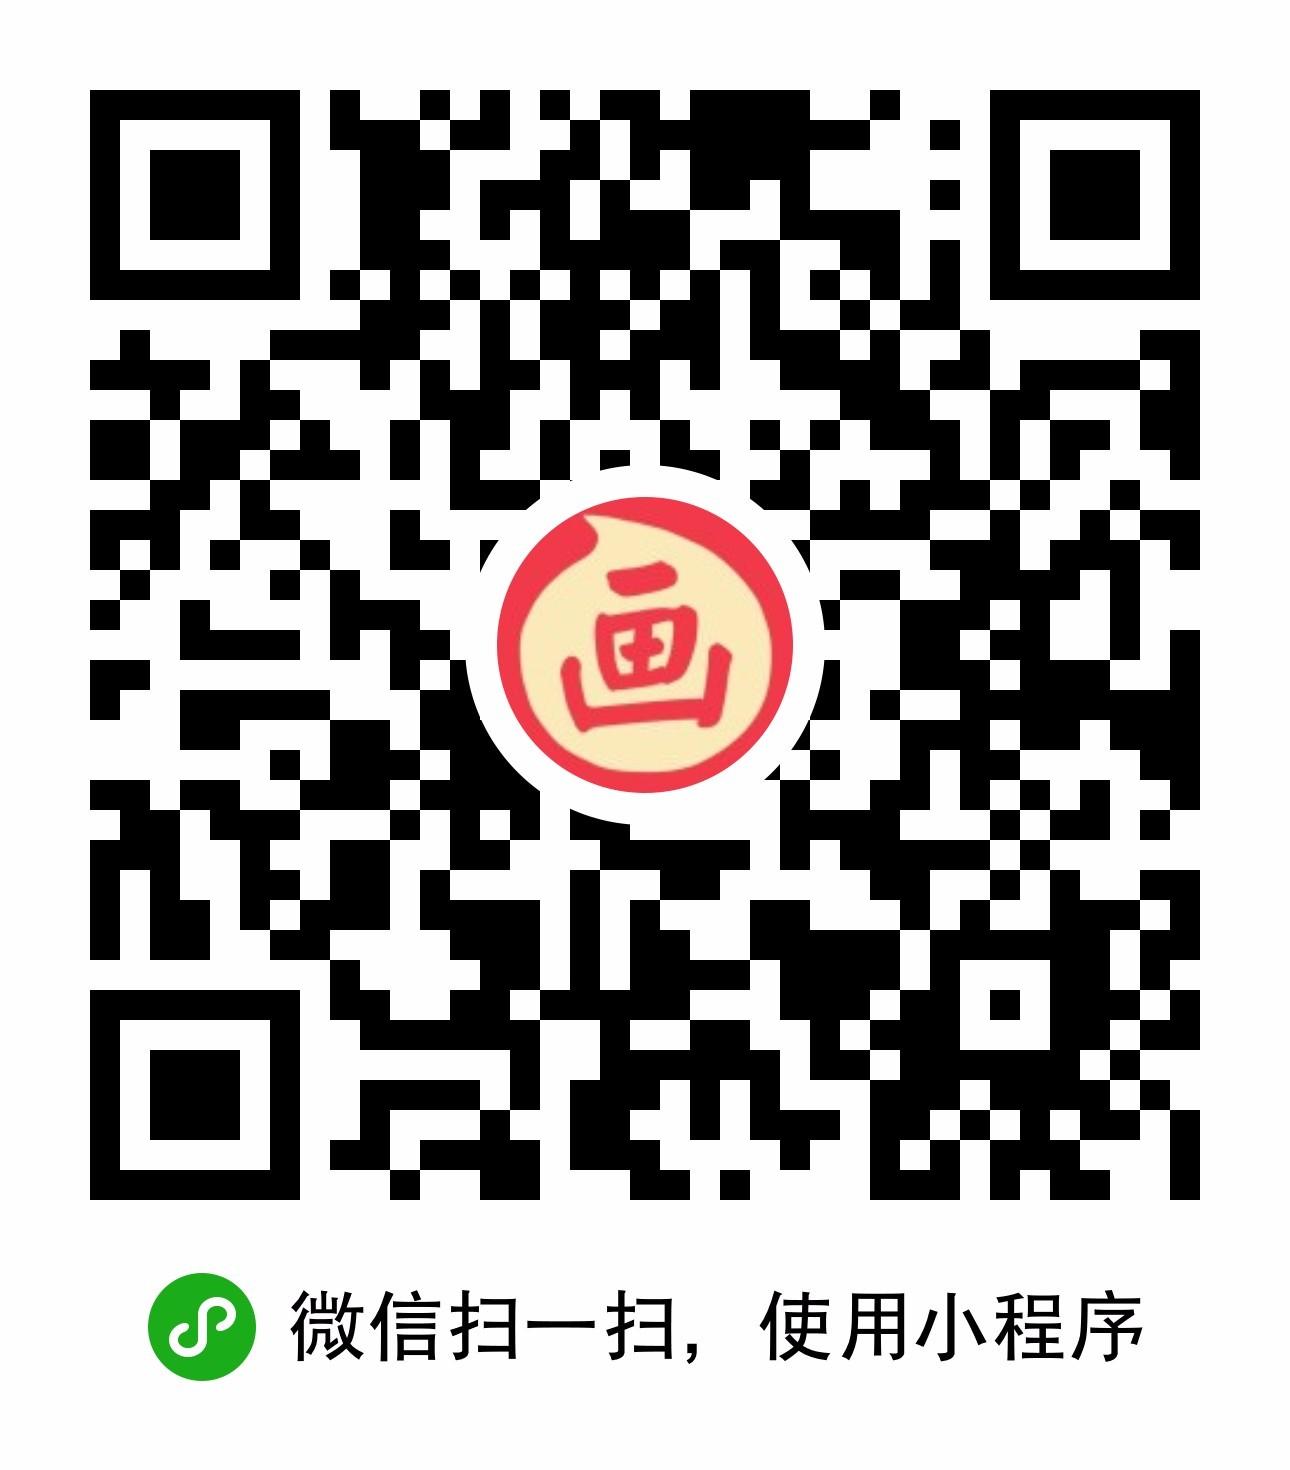 百画苑油画-微信小程序二维码